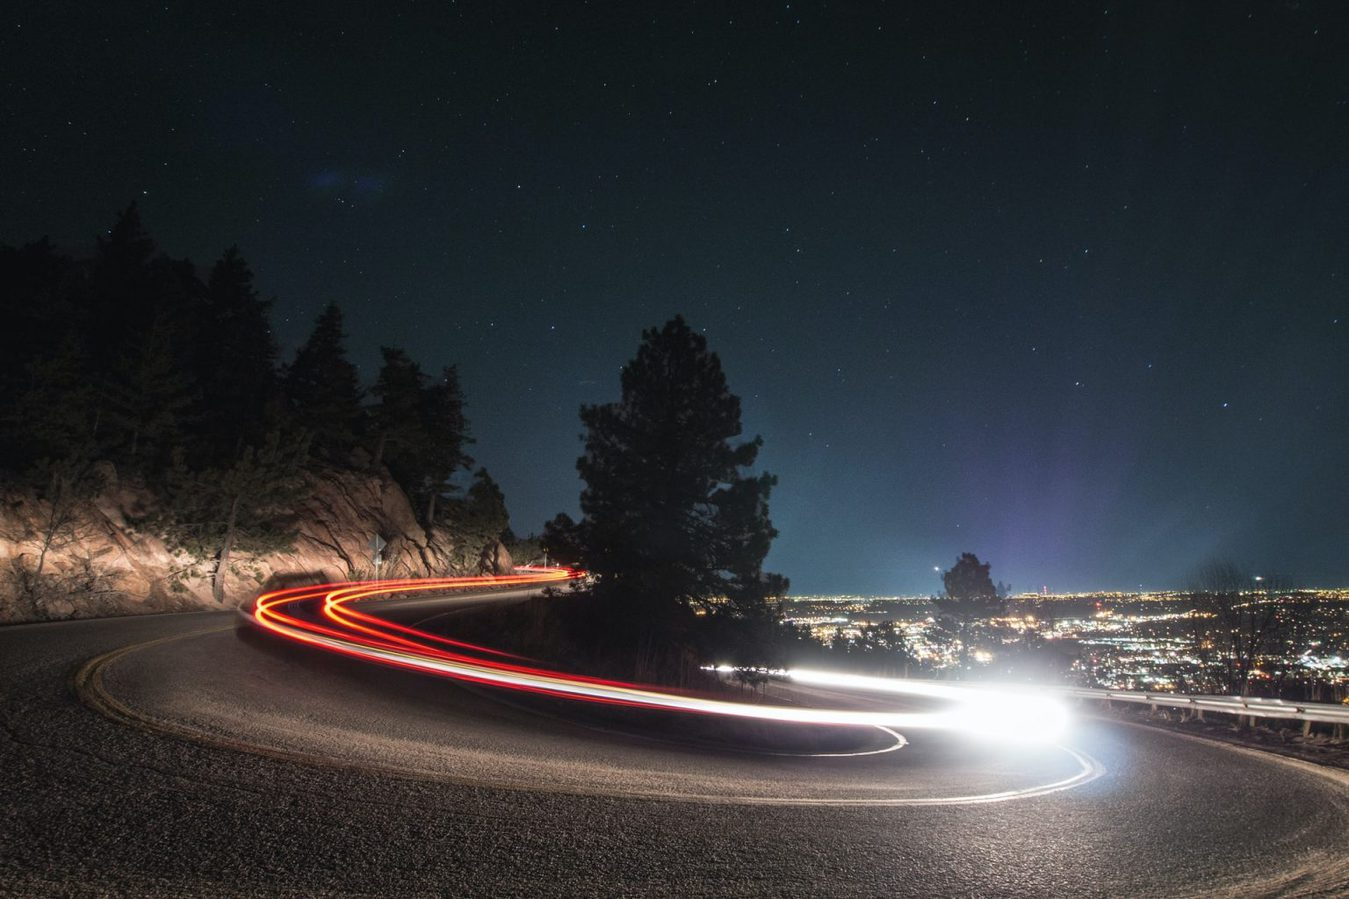 Una lunga esposizione mostra le luci delle auto sulla strada